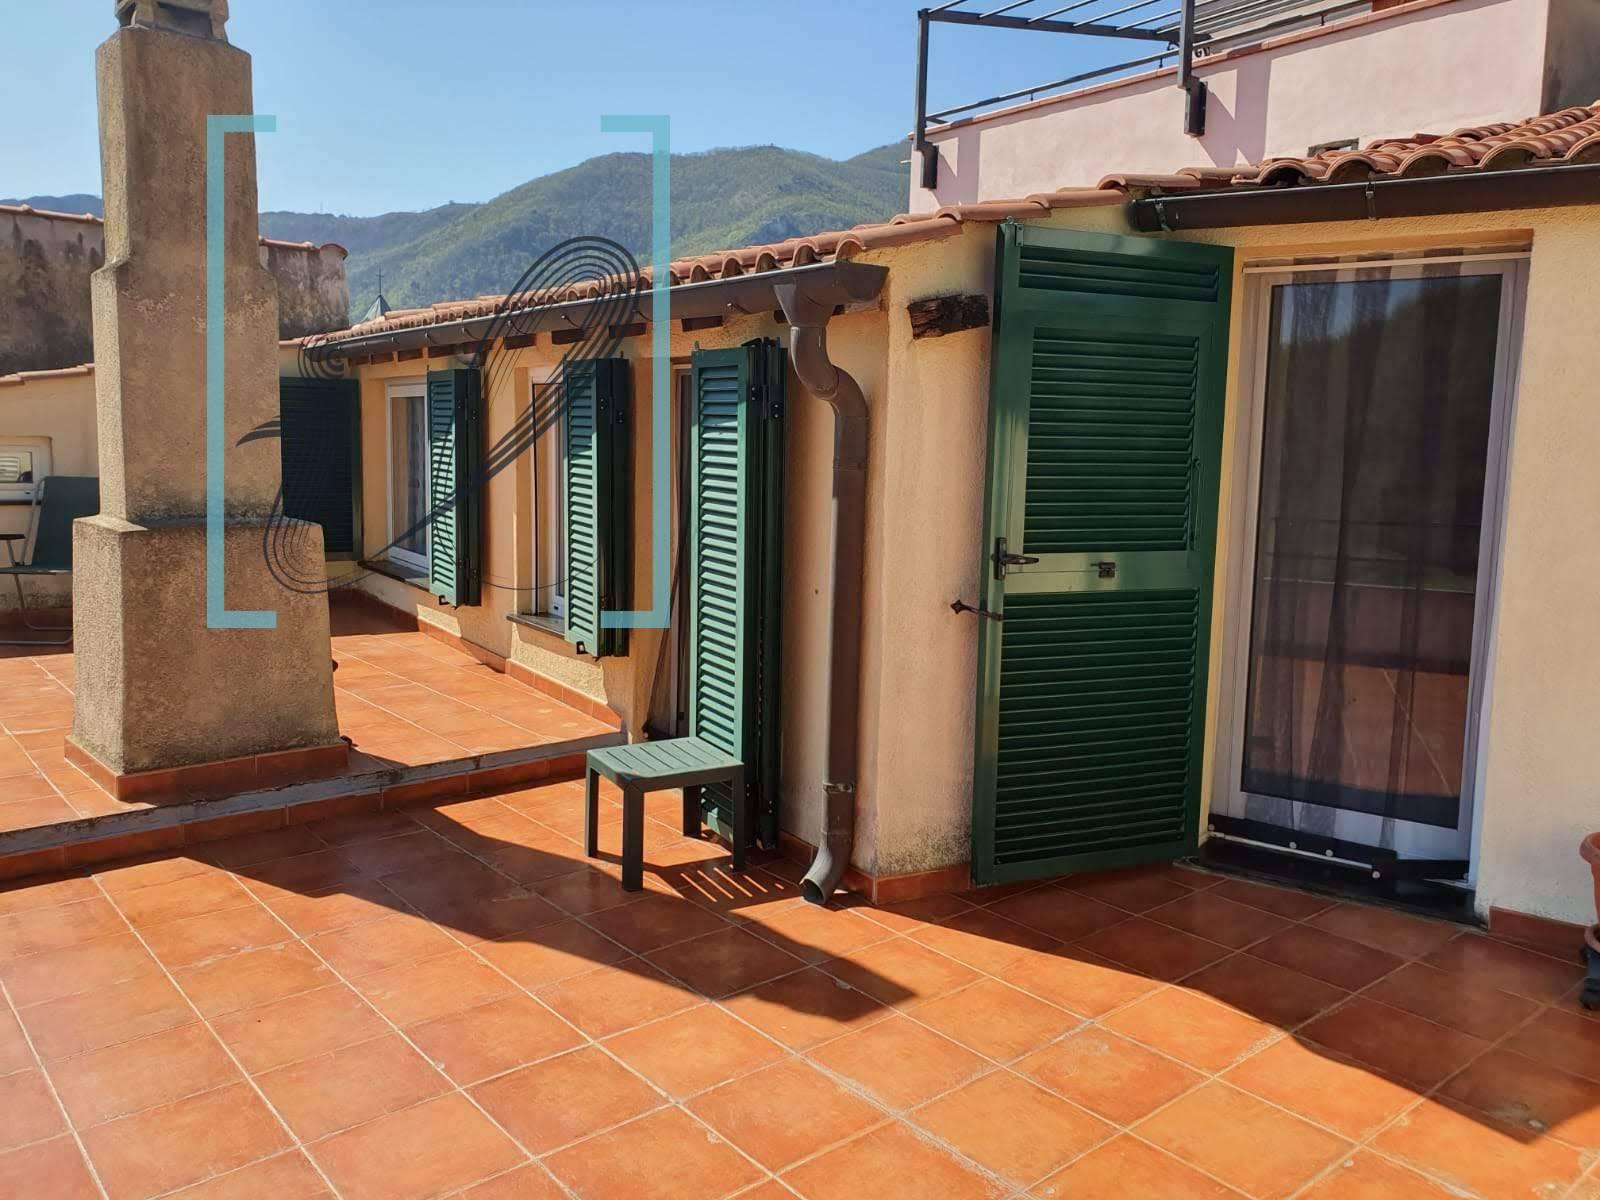 Rustico / Casale in vendita a Balestrino, 9 locali, prezzo € 160.000 | PortaleAgenzieImmobiliari.it